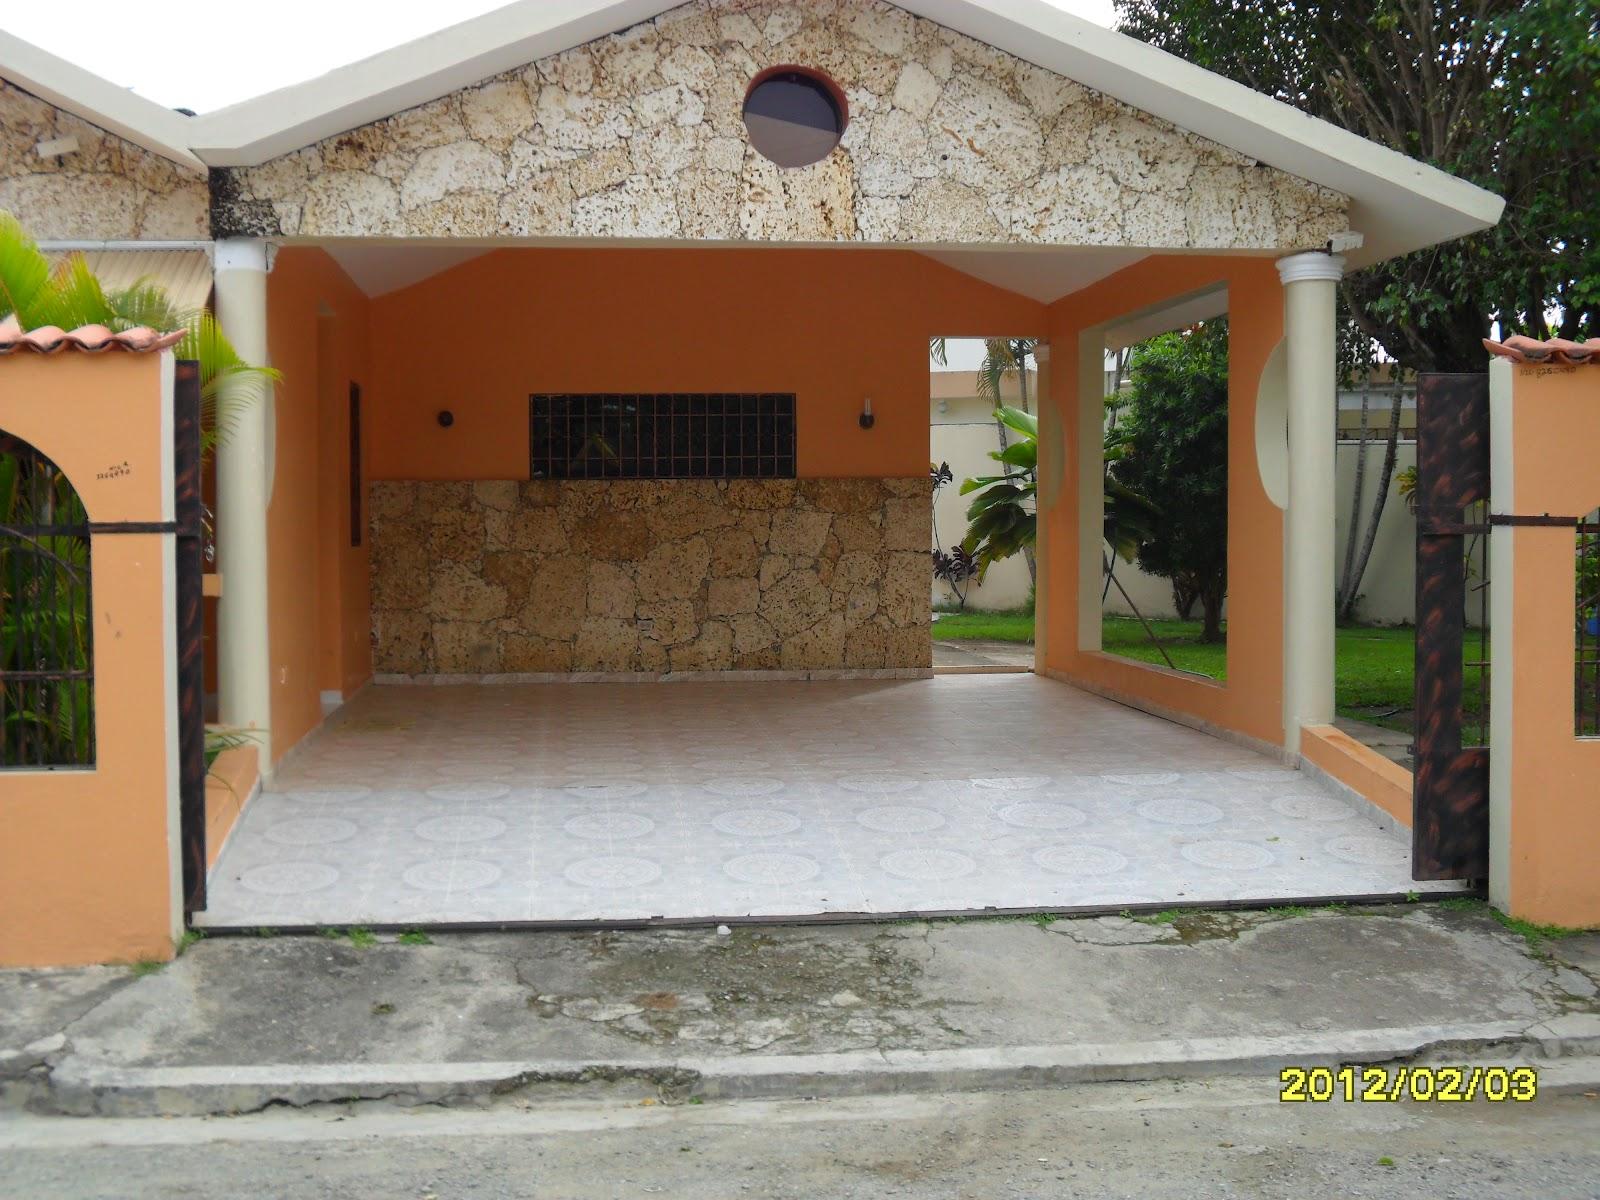 Lvnoticias se vende casa nueva super barata en la vega for Losetas para casa